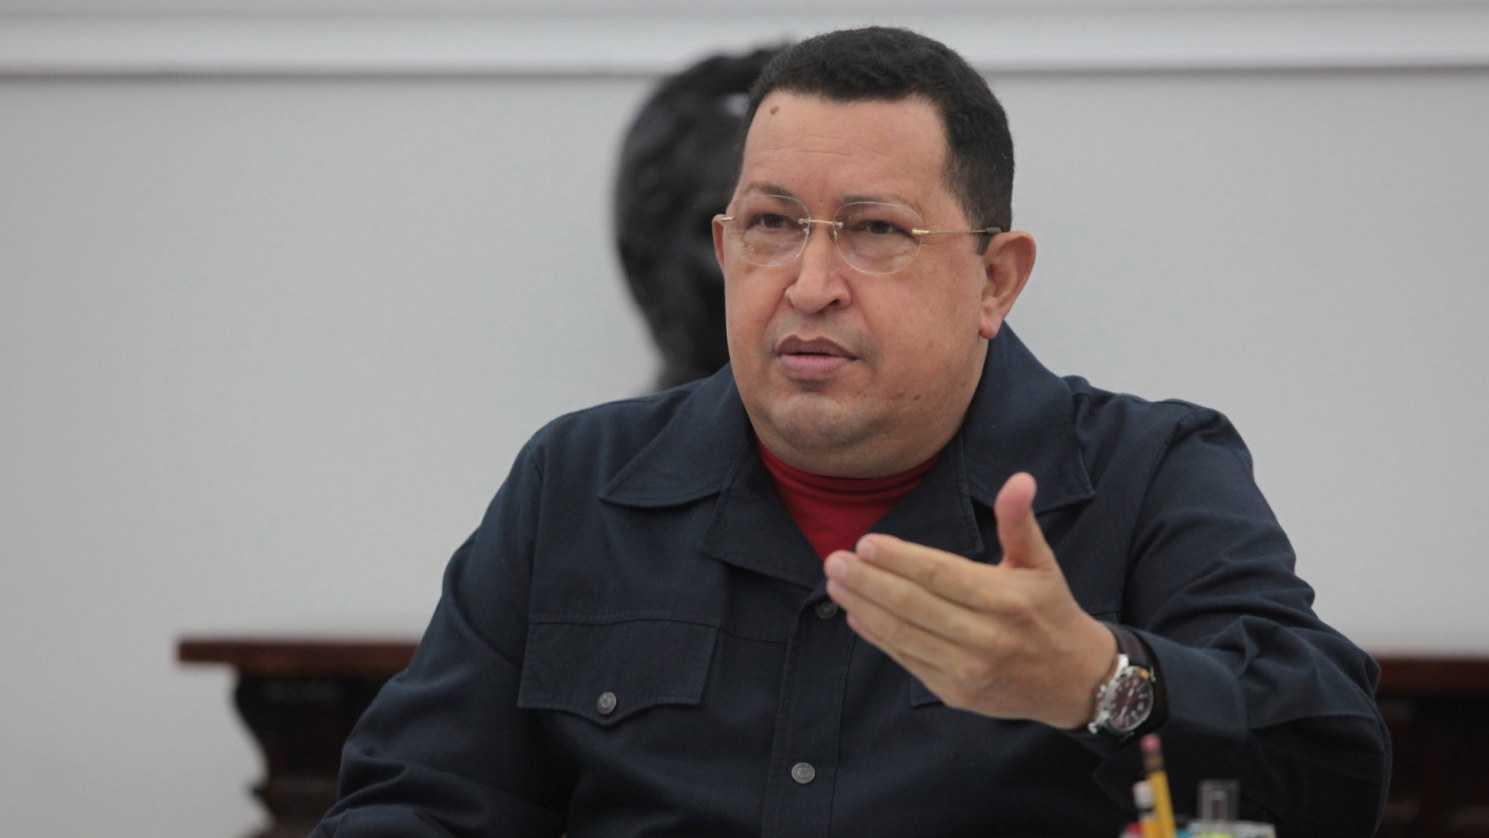 Hugo Chavez AP.jpg